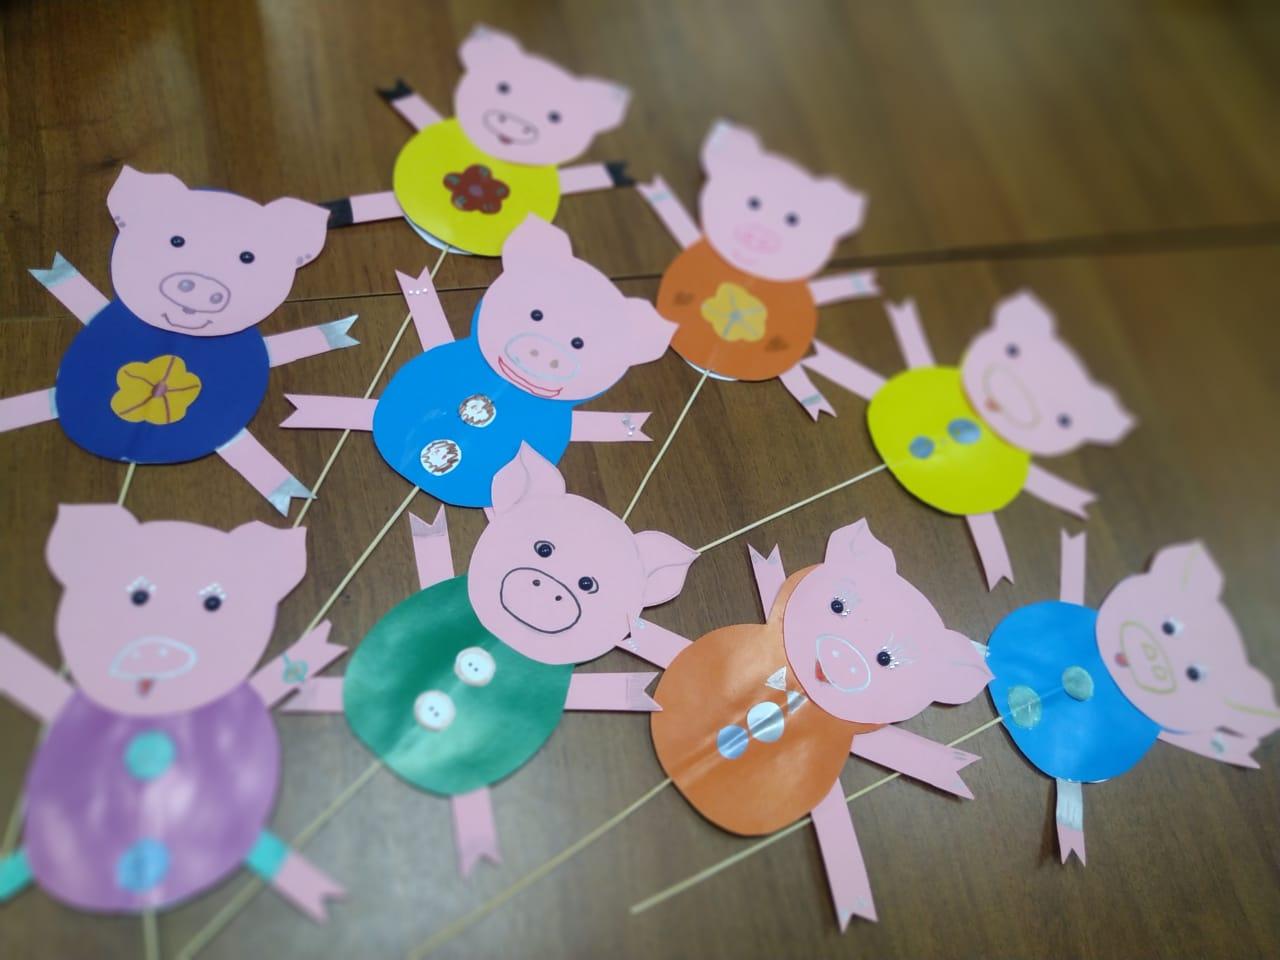 Мастер-класс по изготовлению игрушки для кукольного театра-3